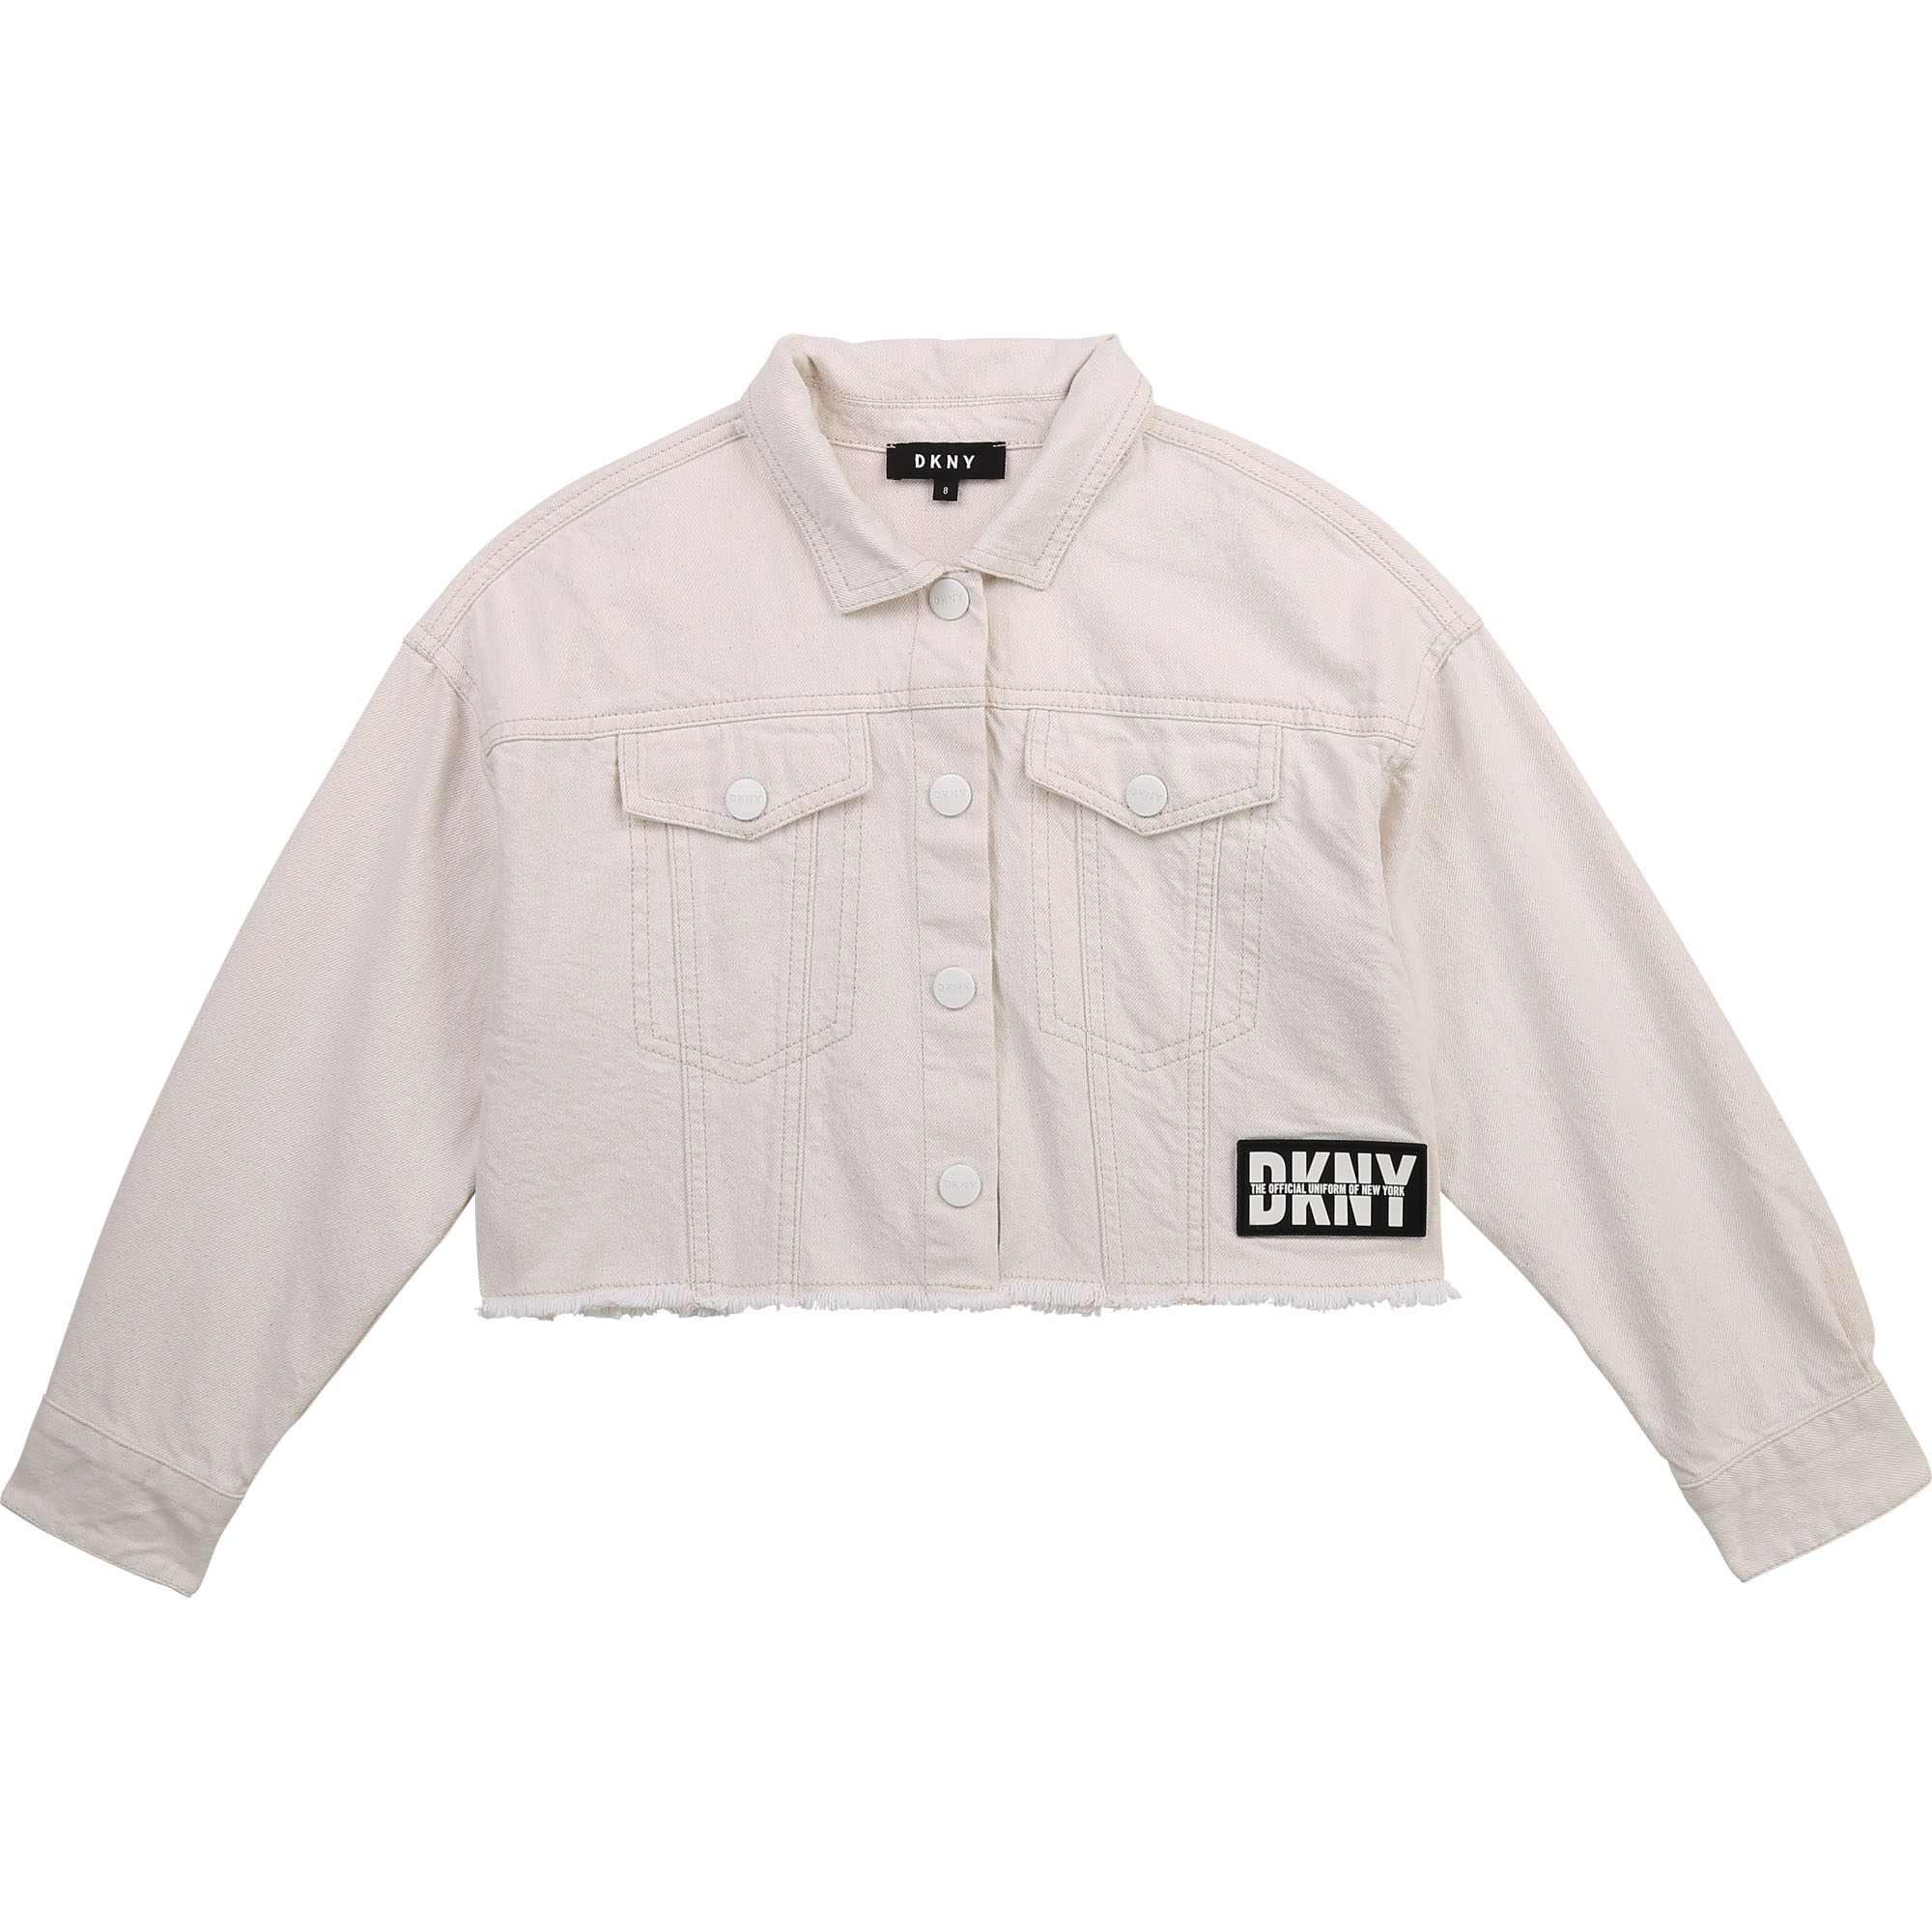 DKNY veste en drill de coton-1